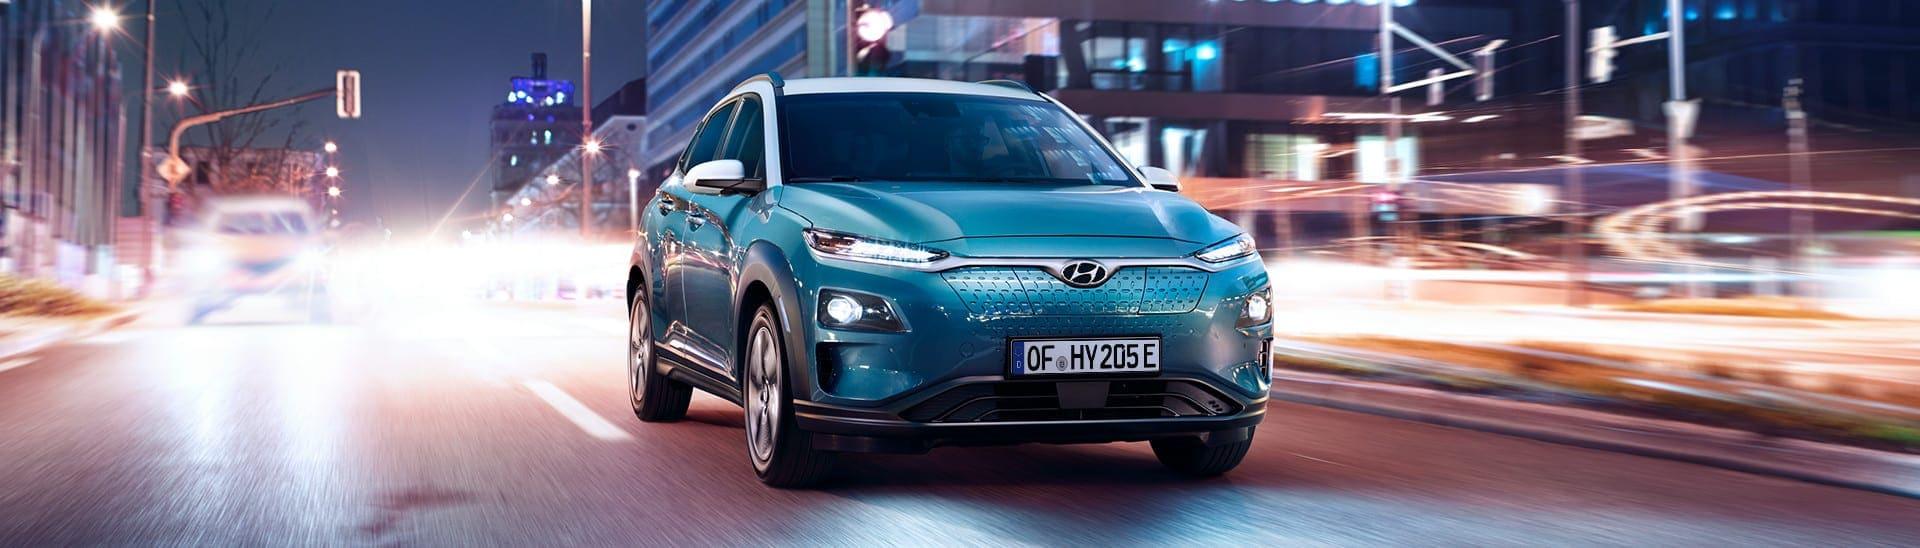 Hyundai Kona Elektro -Panorama 2